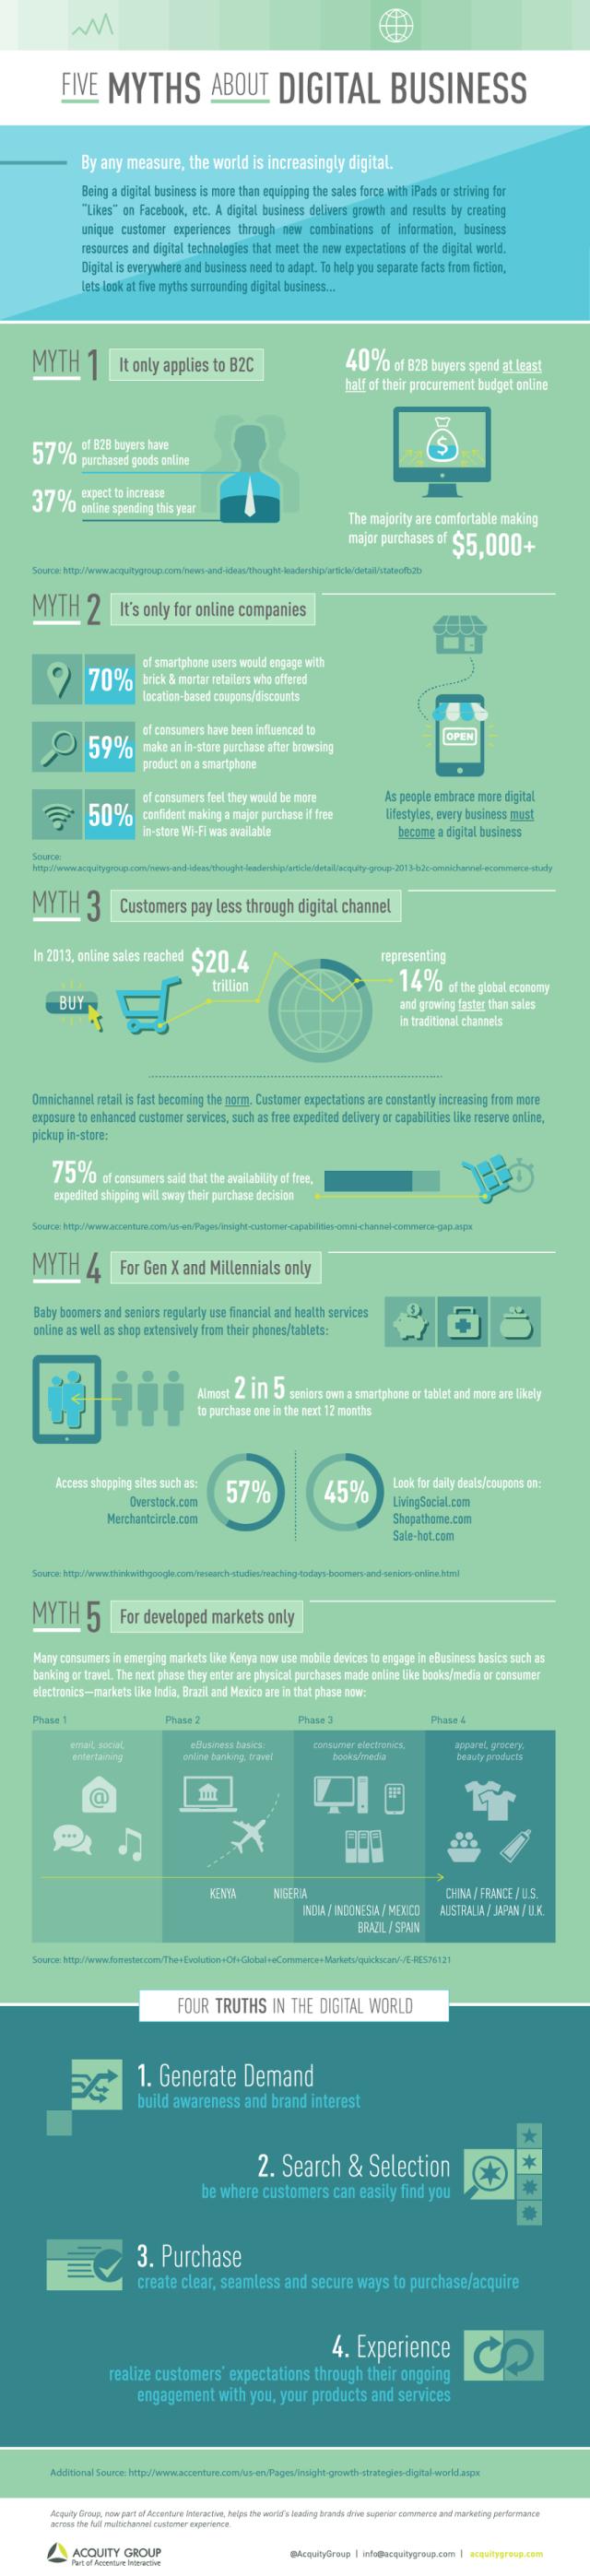 5 mitos sobre las empresas digitales